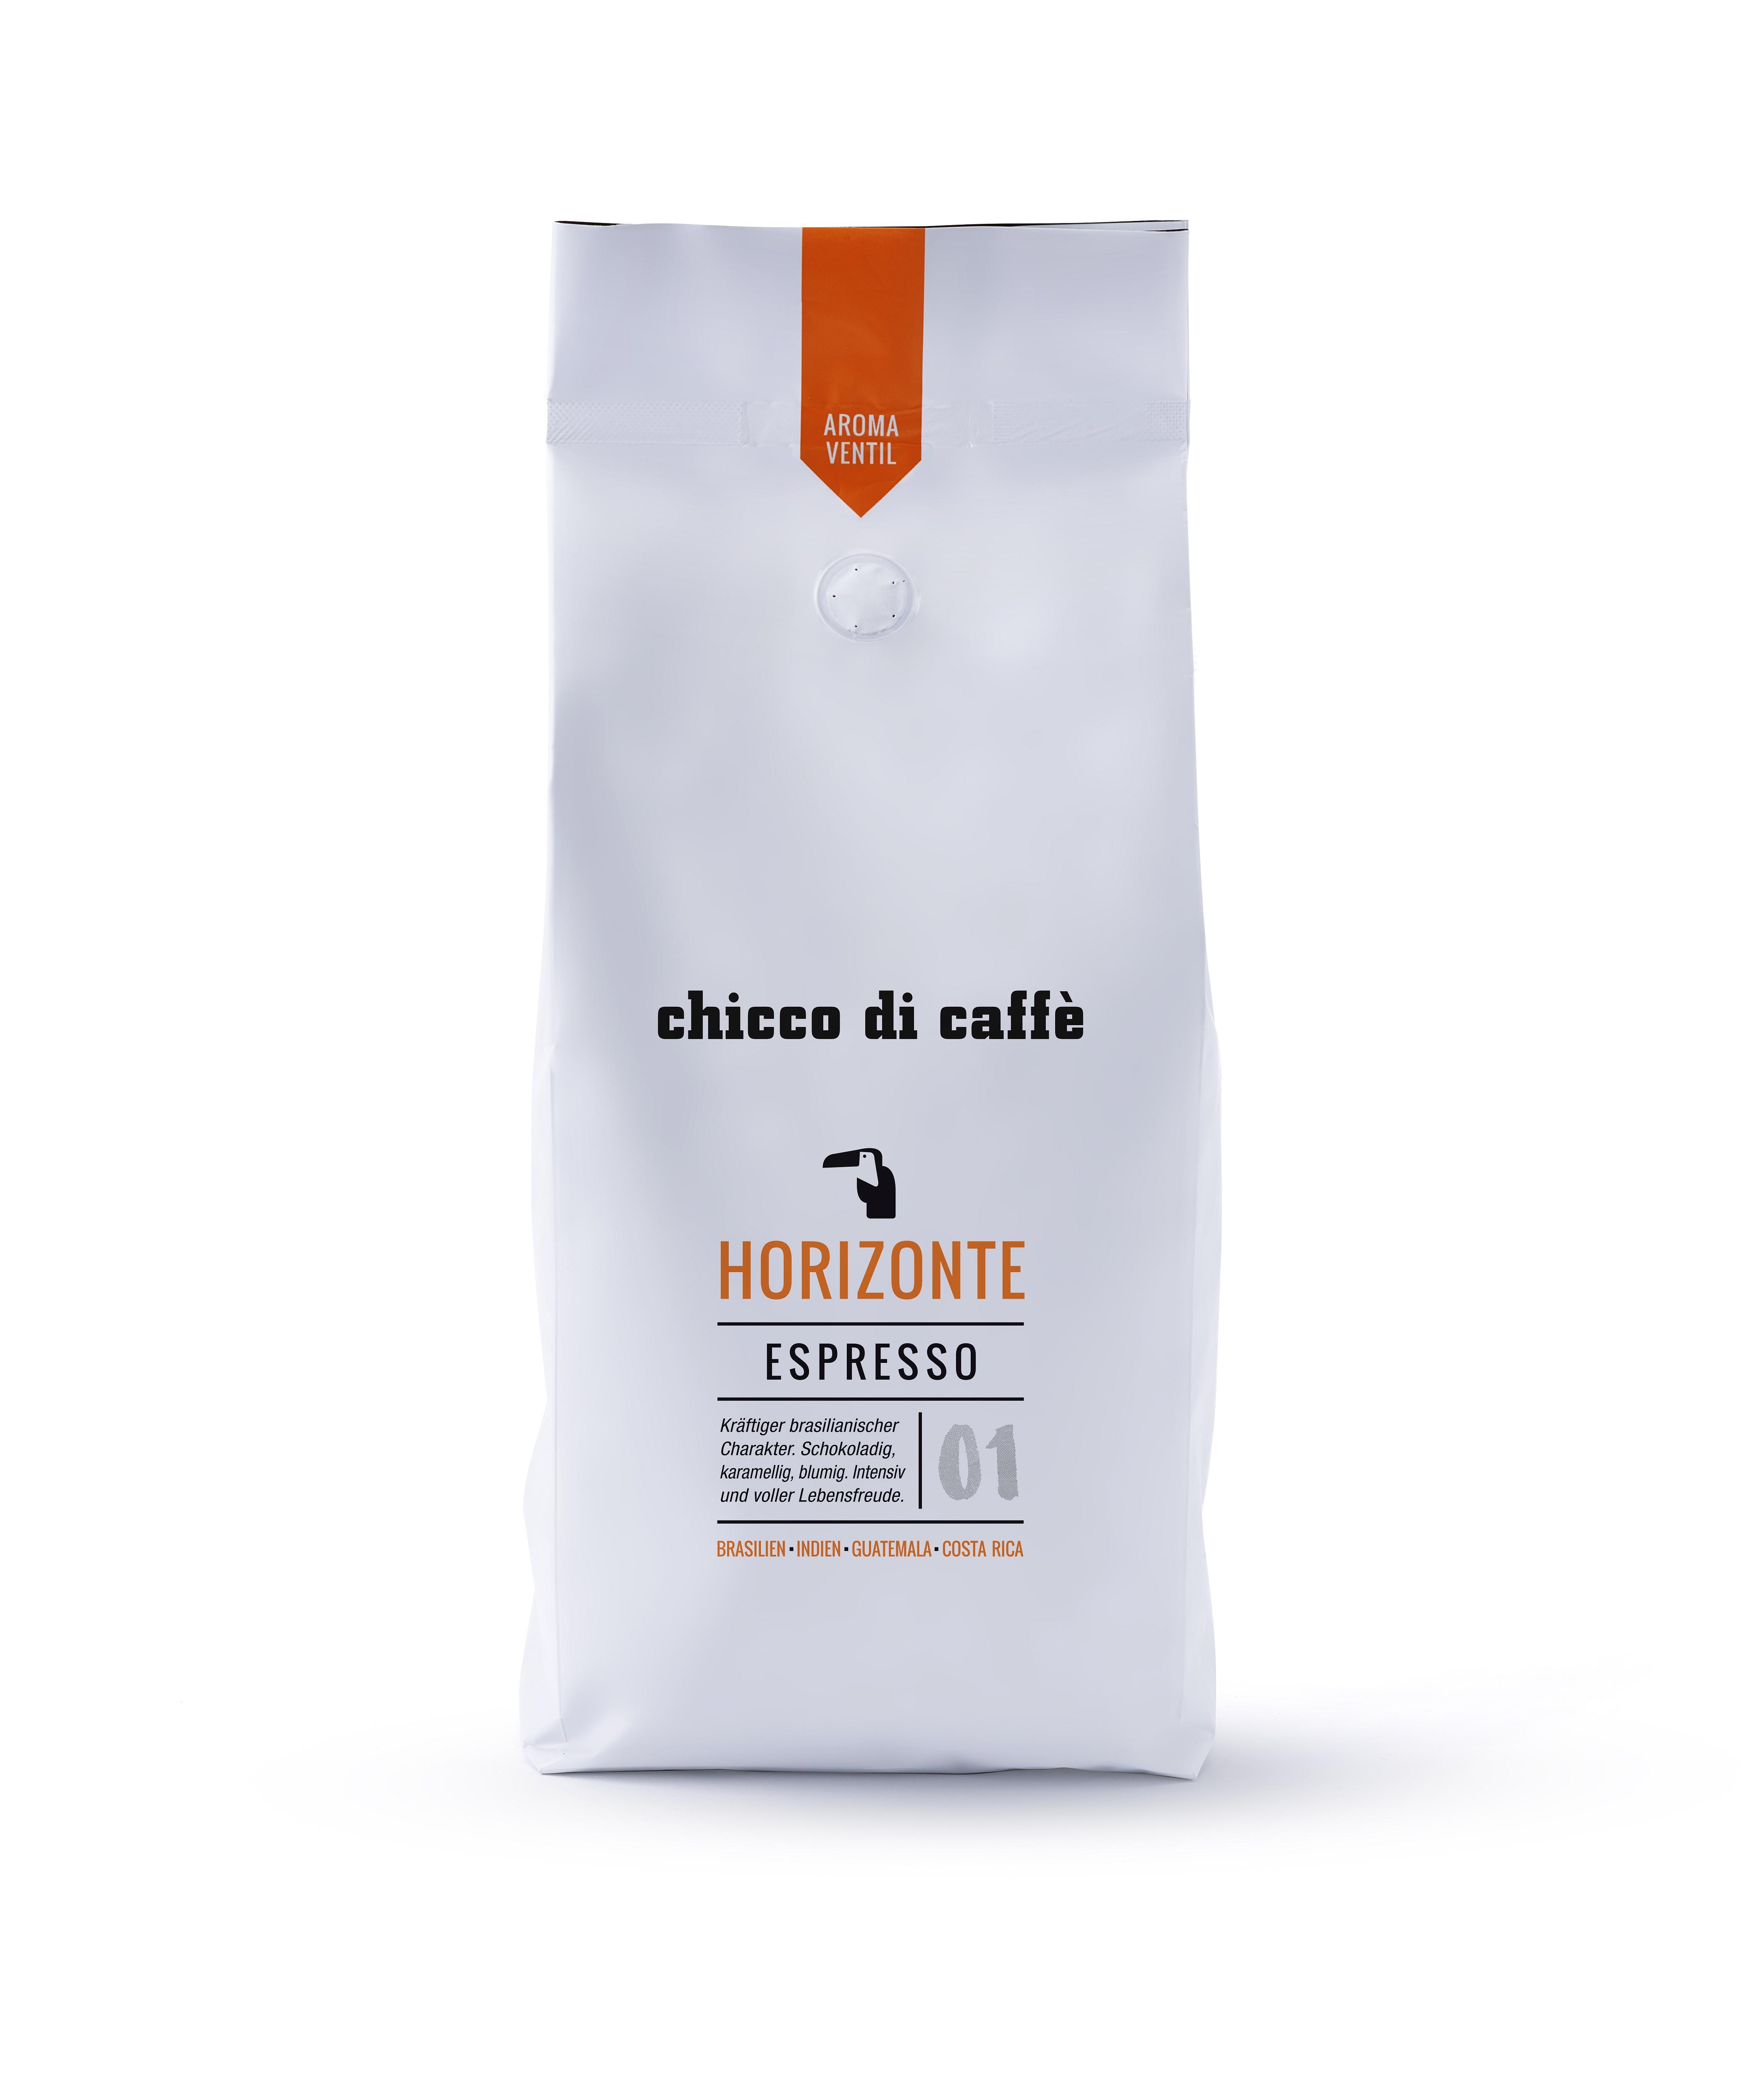 chicco di caffé Espresso Horizonte 1 kg